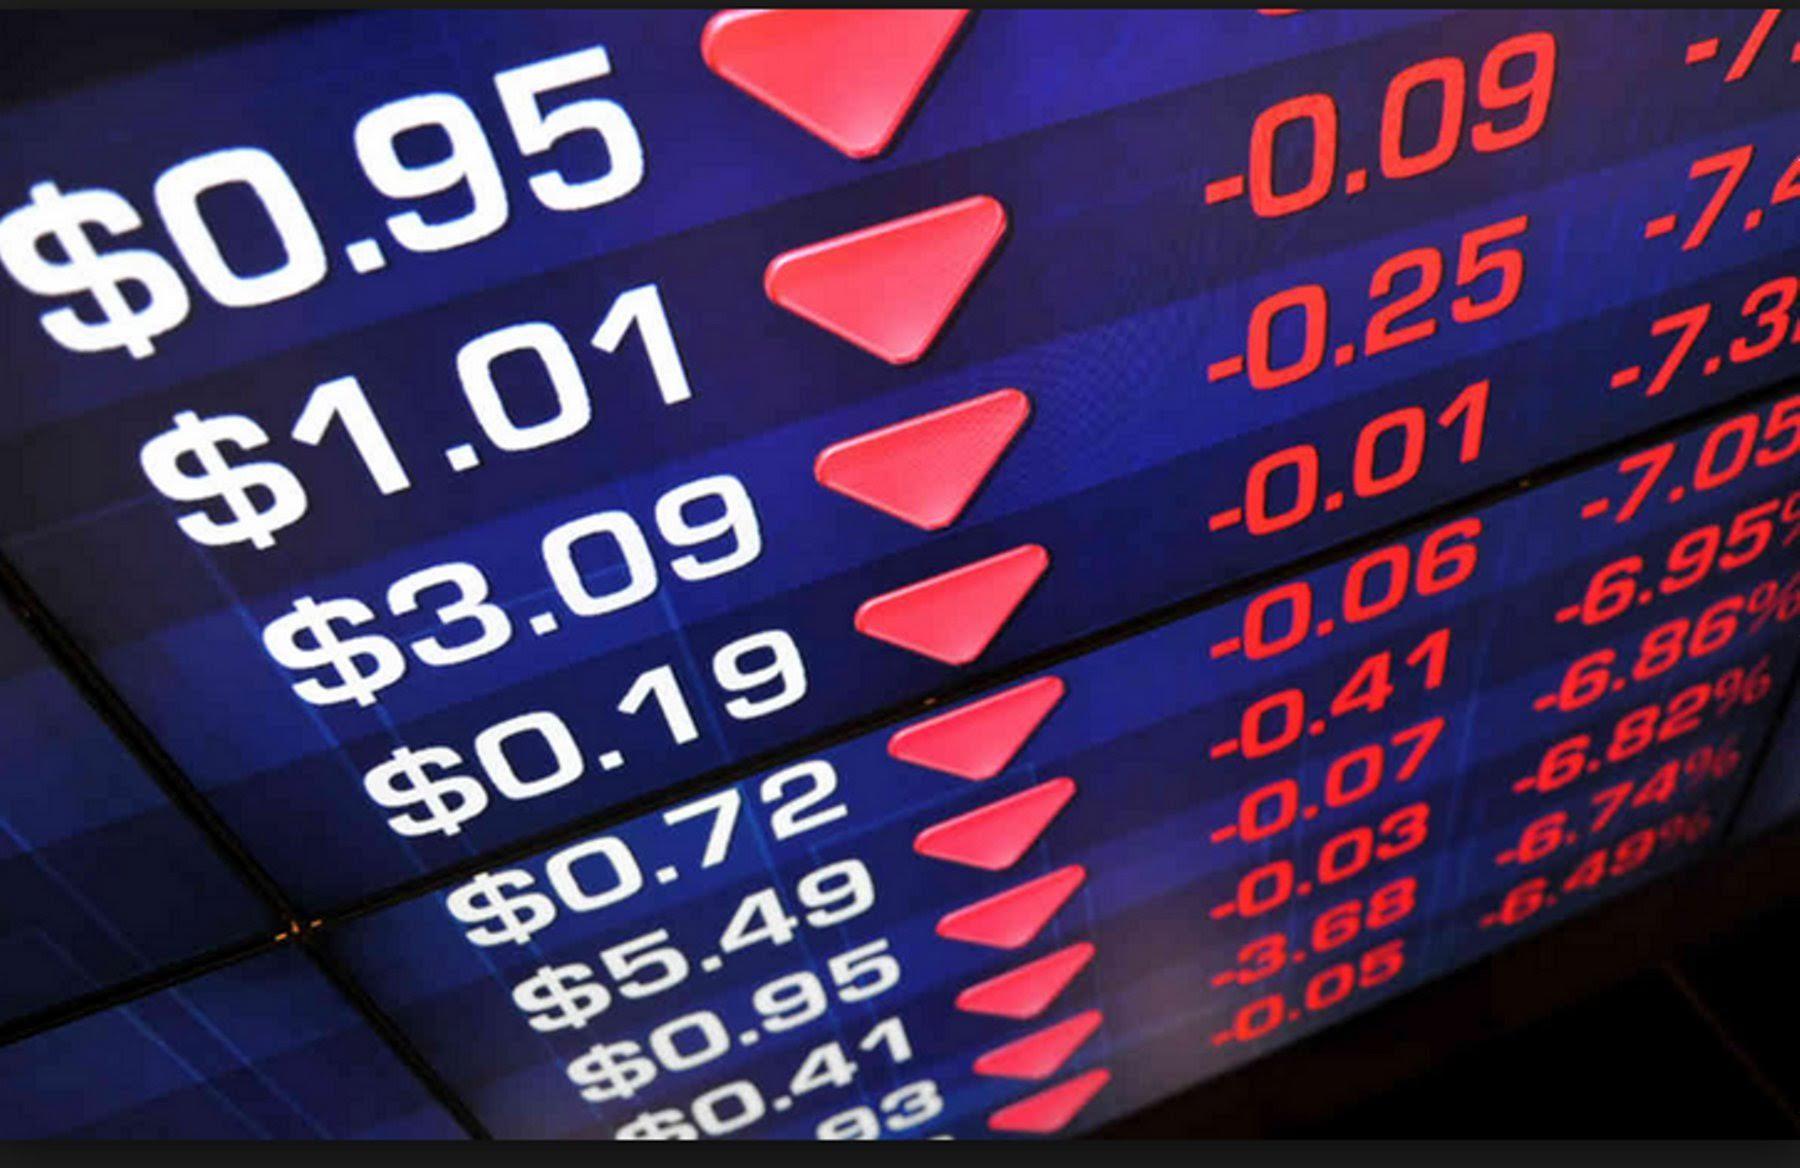 Οι κερδοσκόποι και η «βύθιση» των ελληνικών τραπεζικών μετοχών